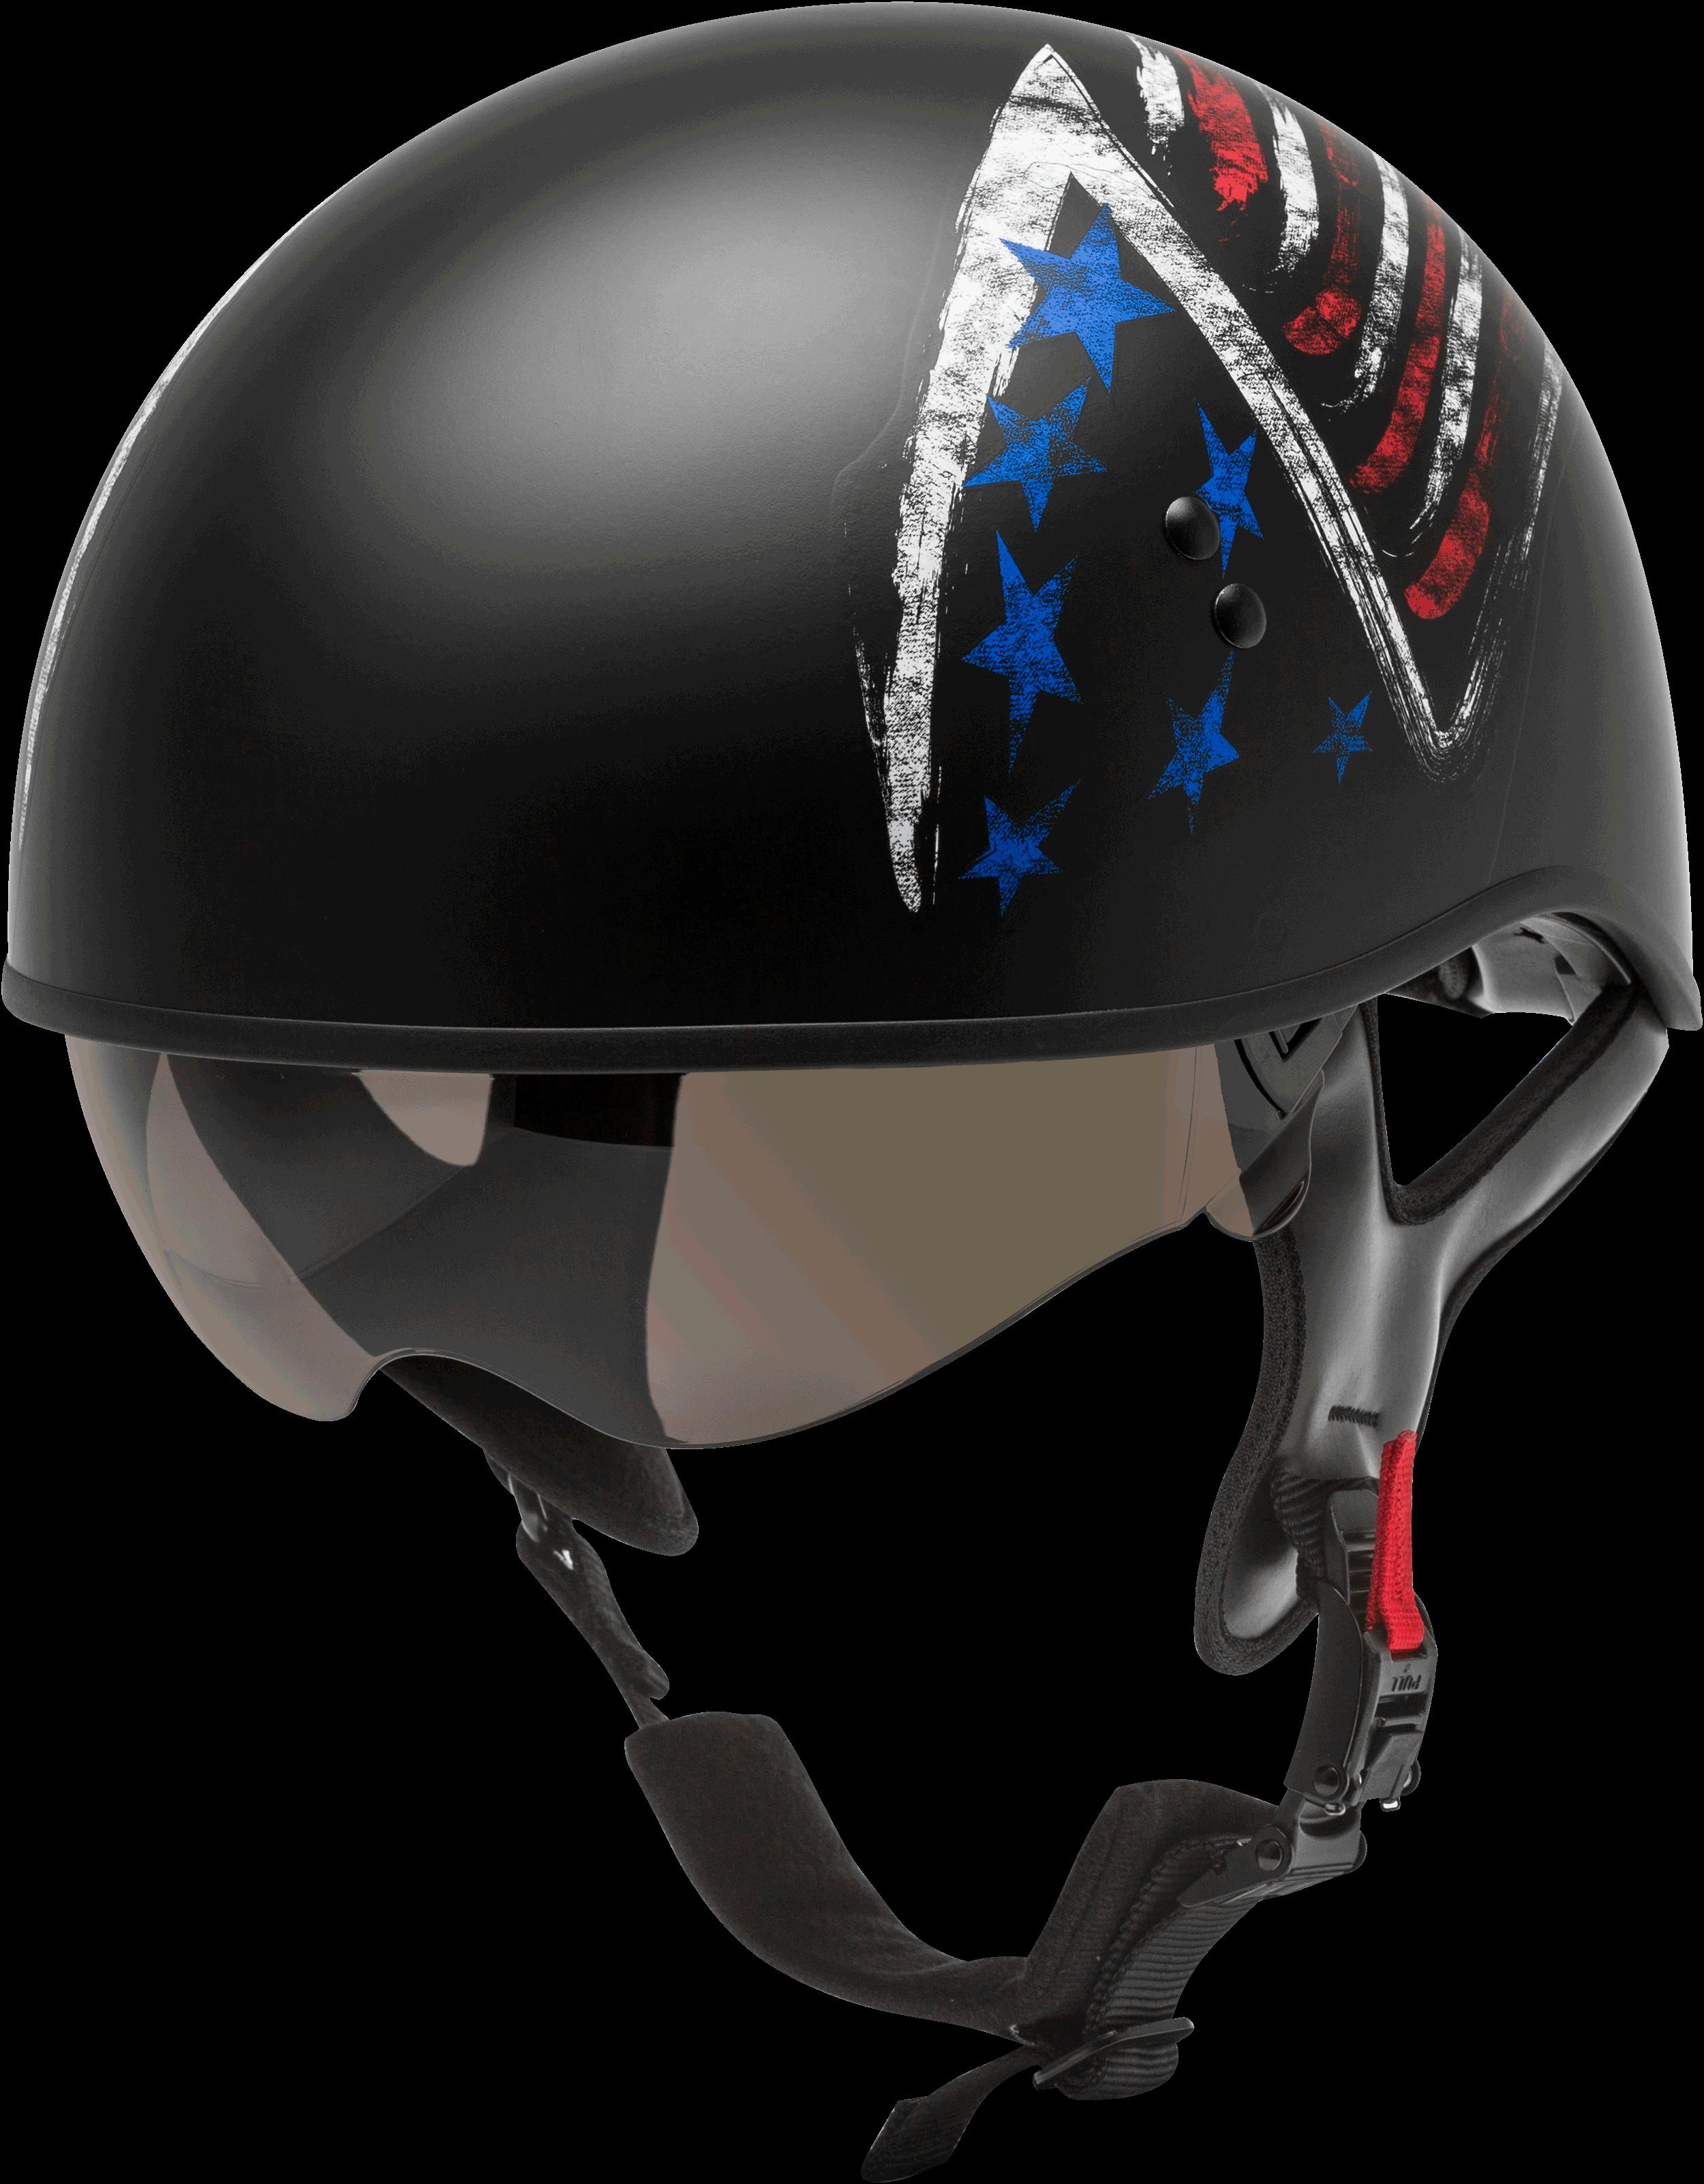 GMAX HH-65 Naked Bravery Helmet Black/red/white/blue